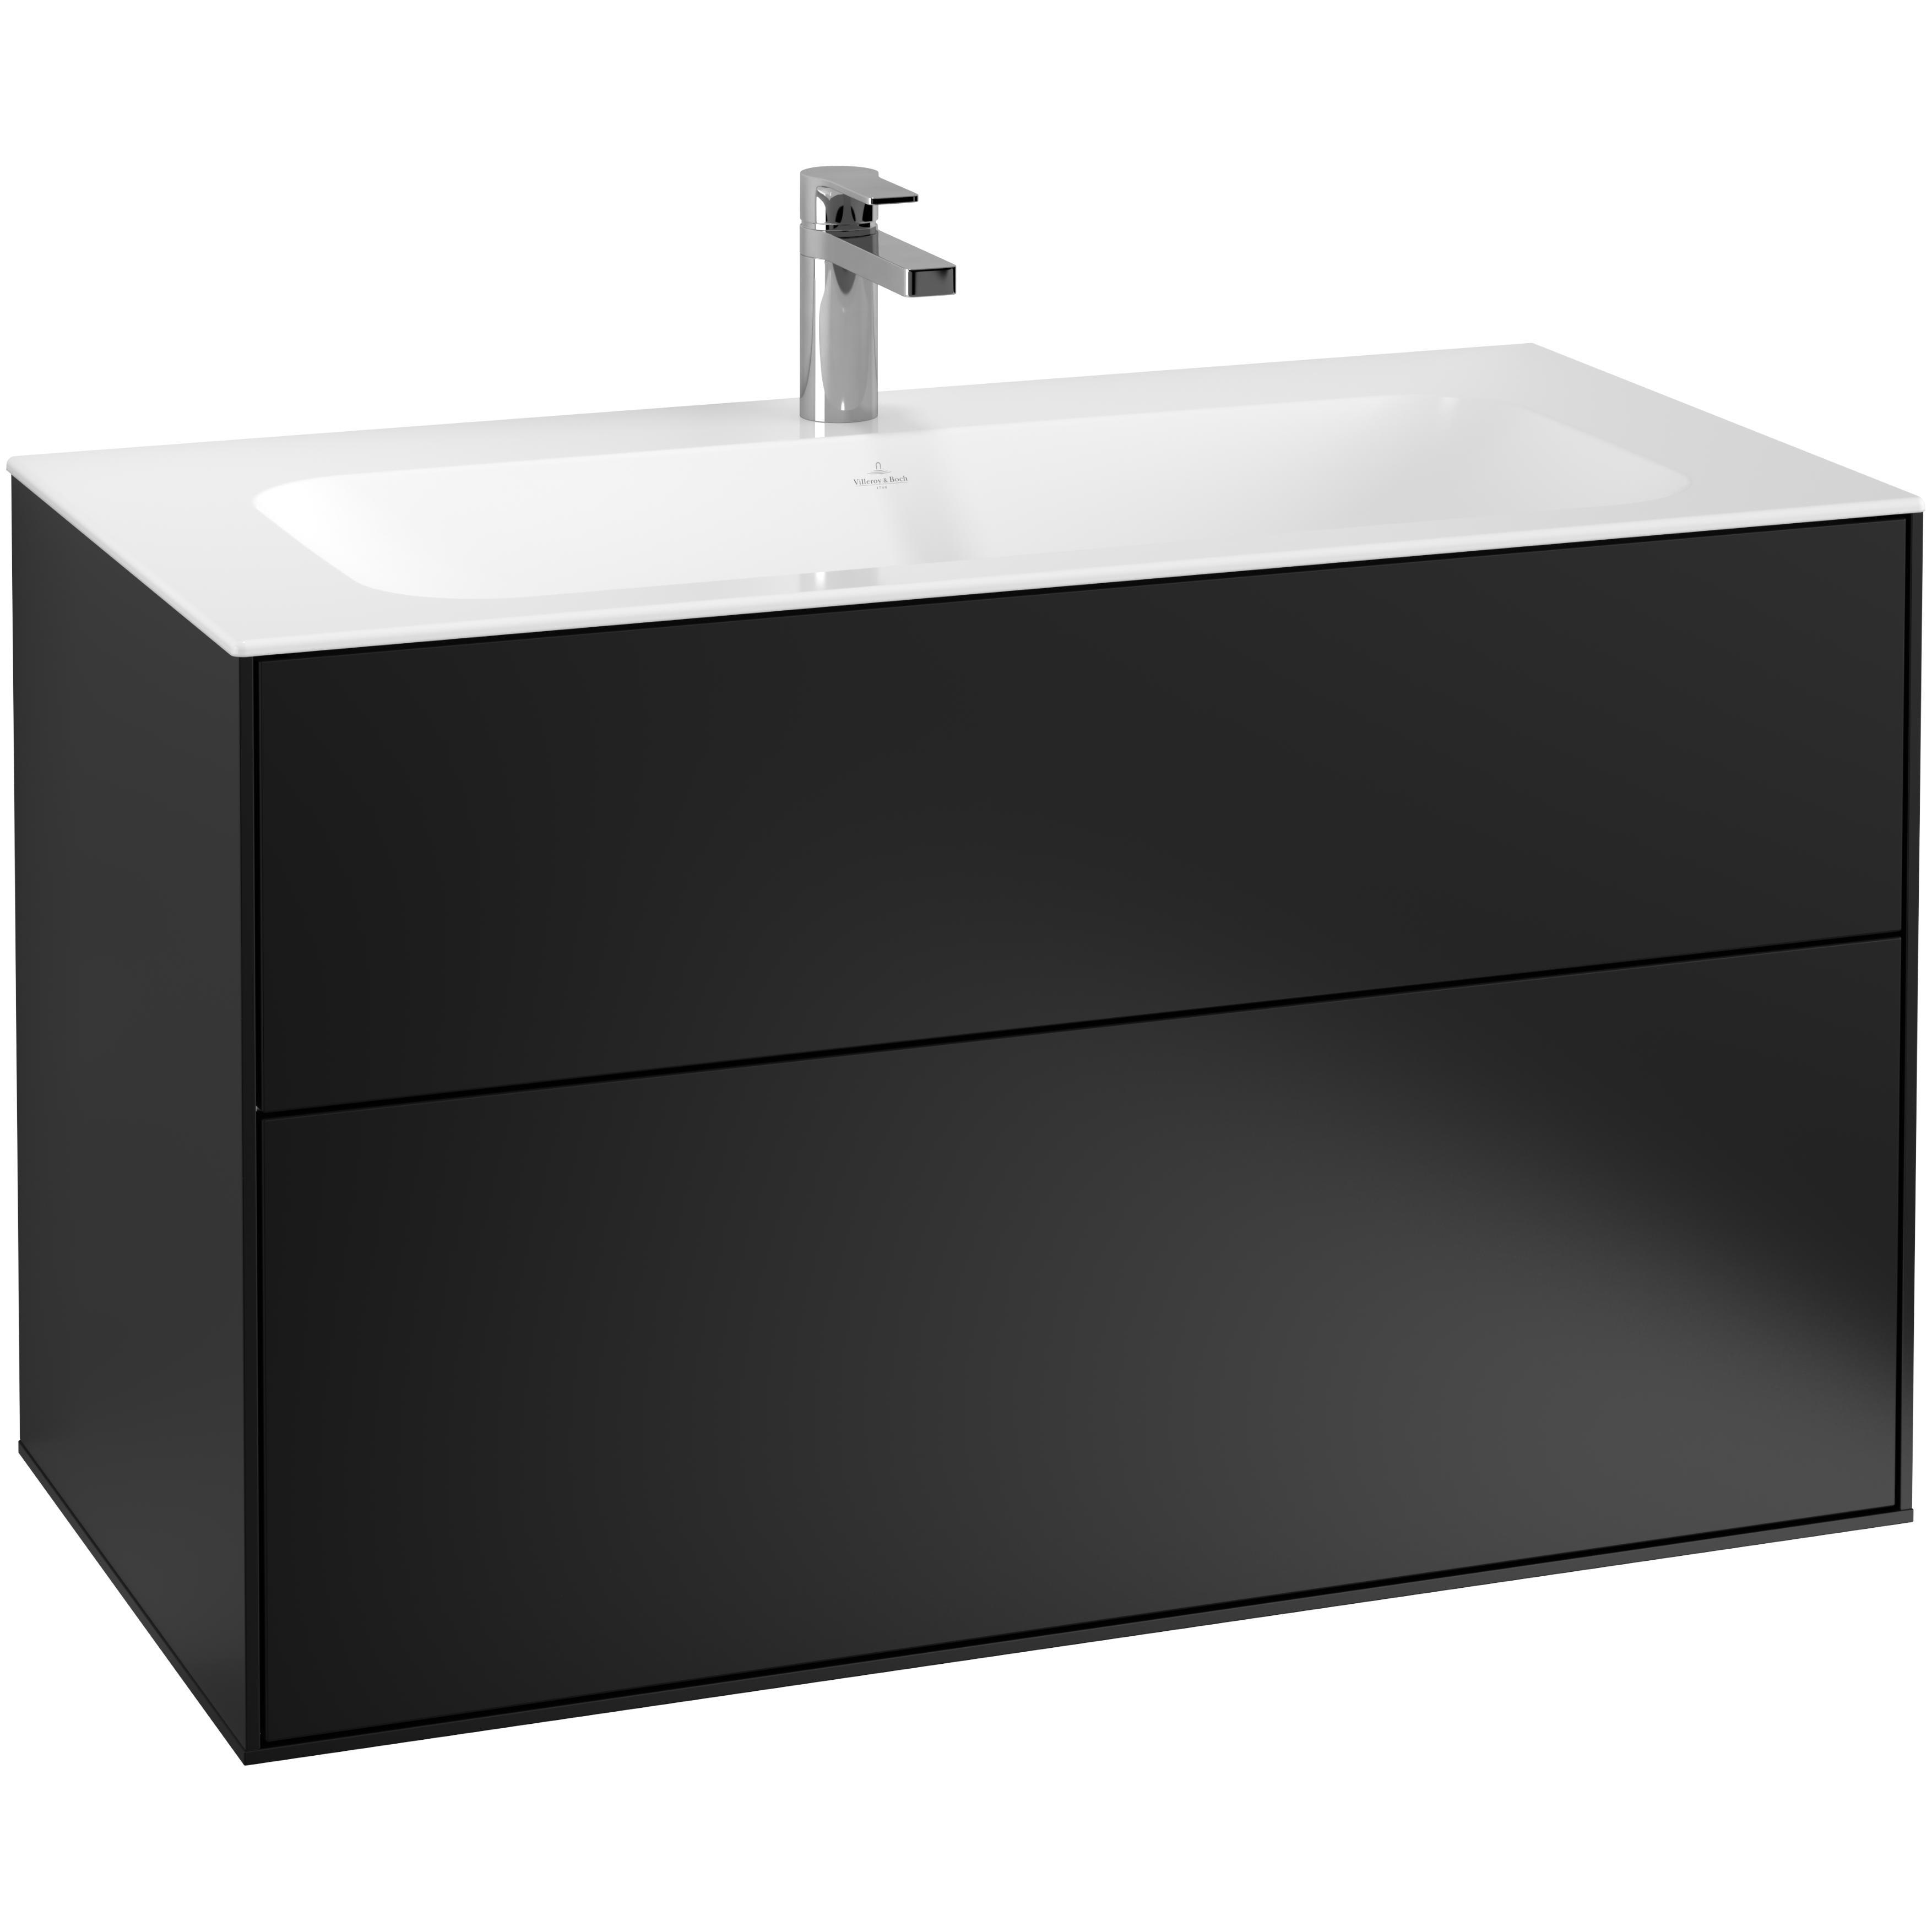 Tvättställsskåp Villeroy & Boch Finion med 2 Lådor för Inbyggt Tvättställ